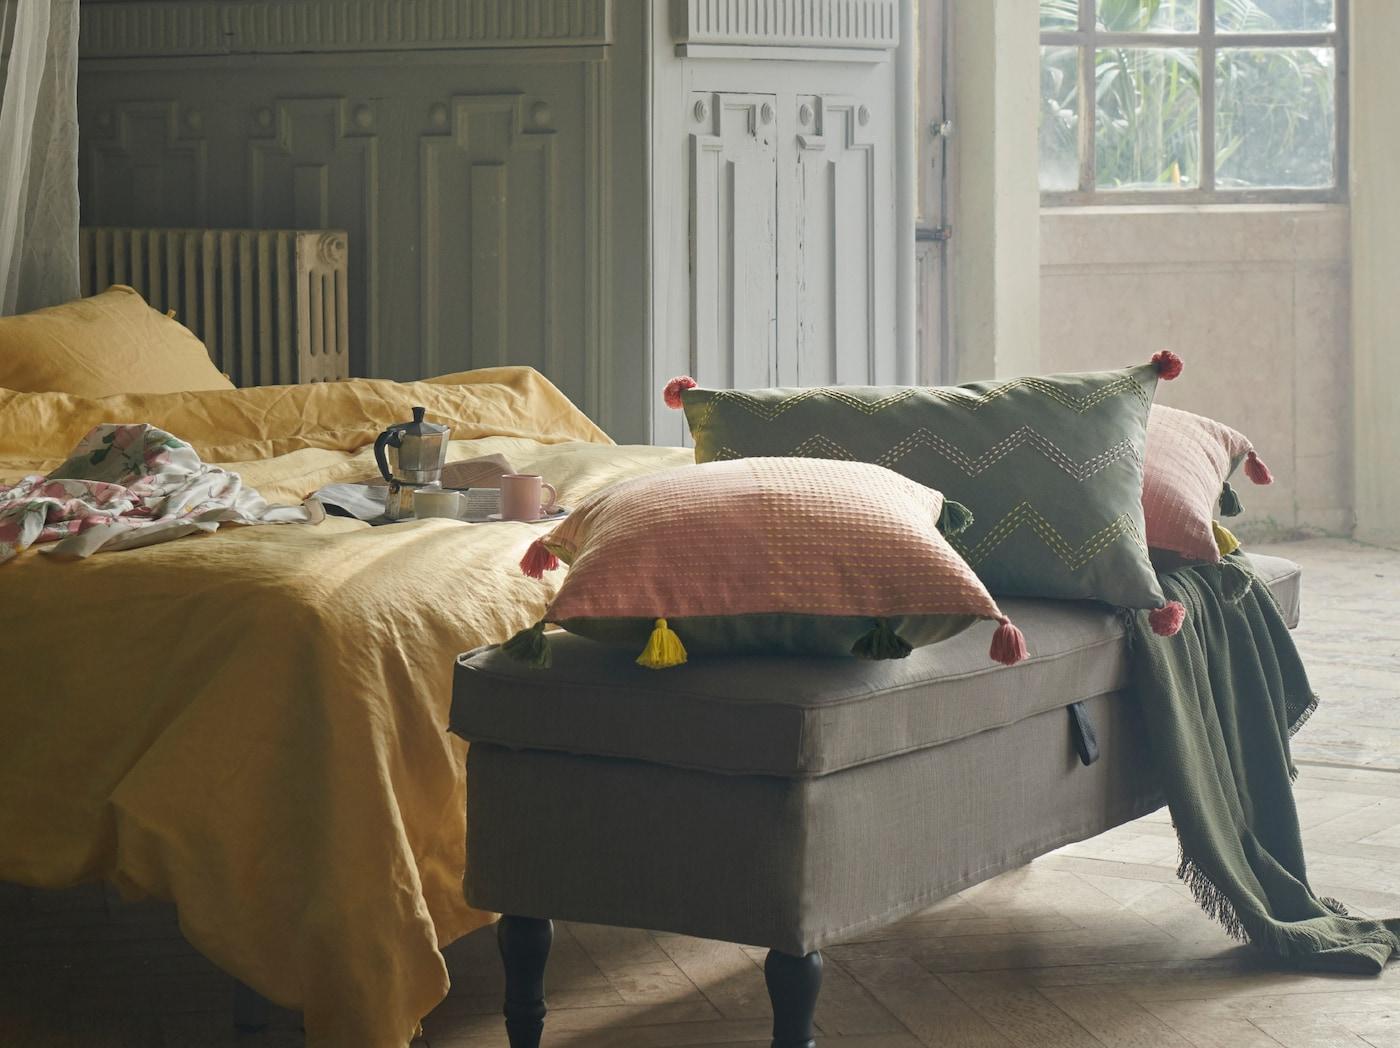 Vaaleanpunaiset ja vihreät KLARAFINA- ja MOAKAJSA-tyynynpäälliset on aseteltu penkille sängyn jalkopäätyyn unenomaisessa makuuhuoneessa.